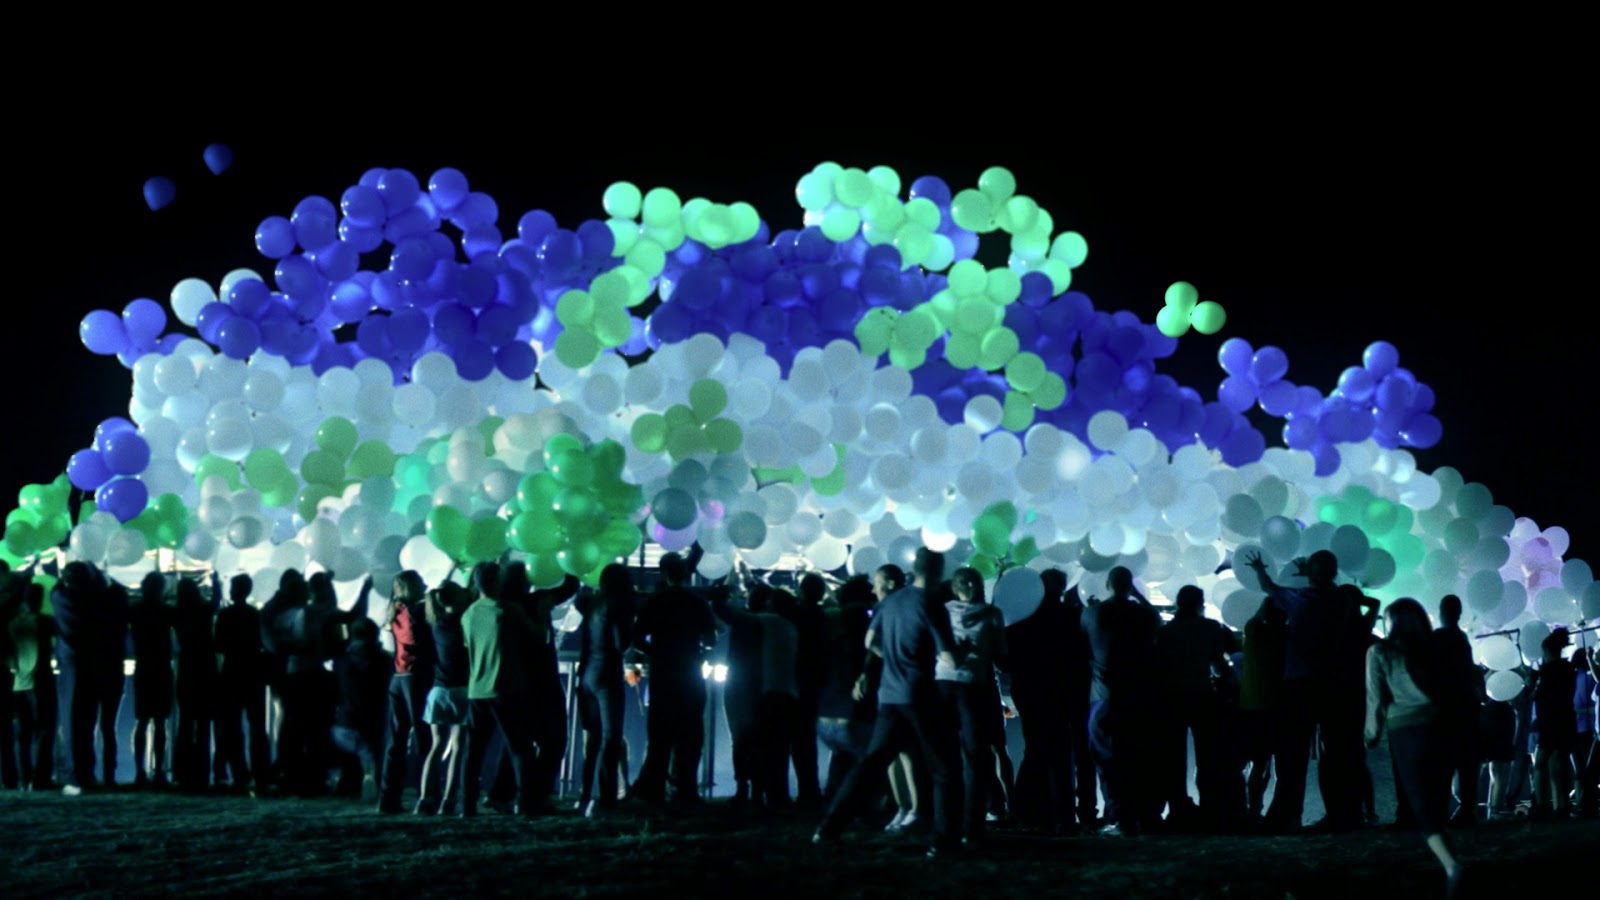 Фото светящихся шаров на свадьбу